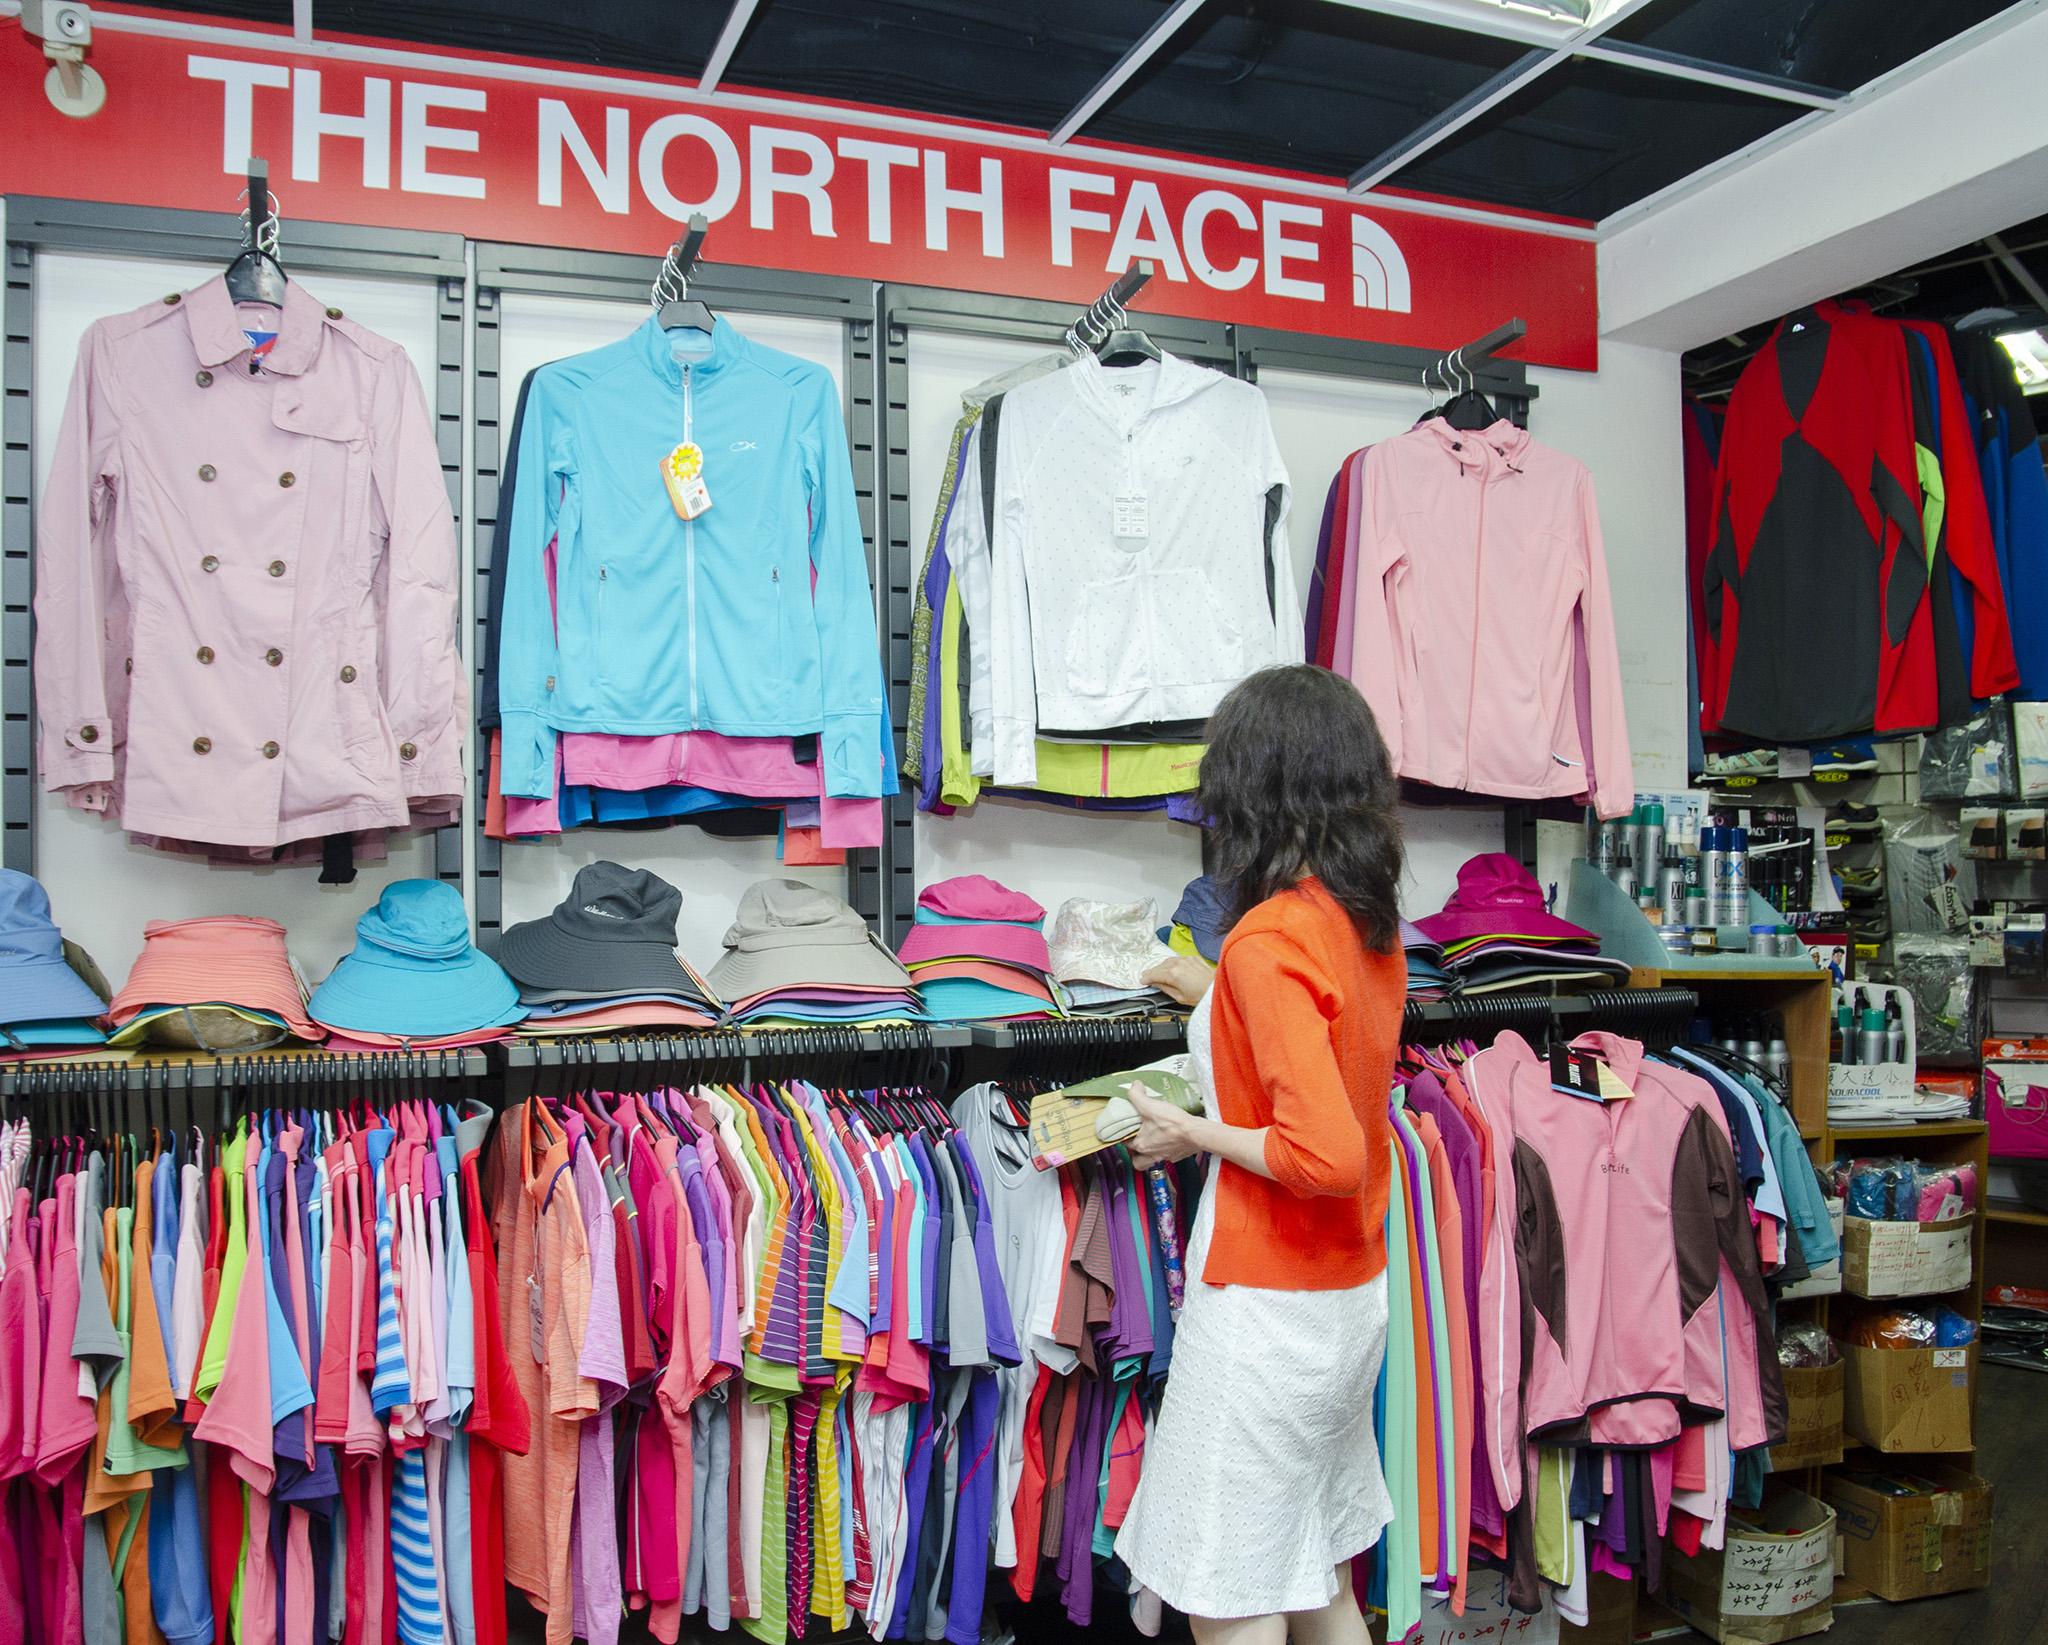 冰岩店內販售許多專業功能性戶外用品,從穿的到用的,應有盡有。